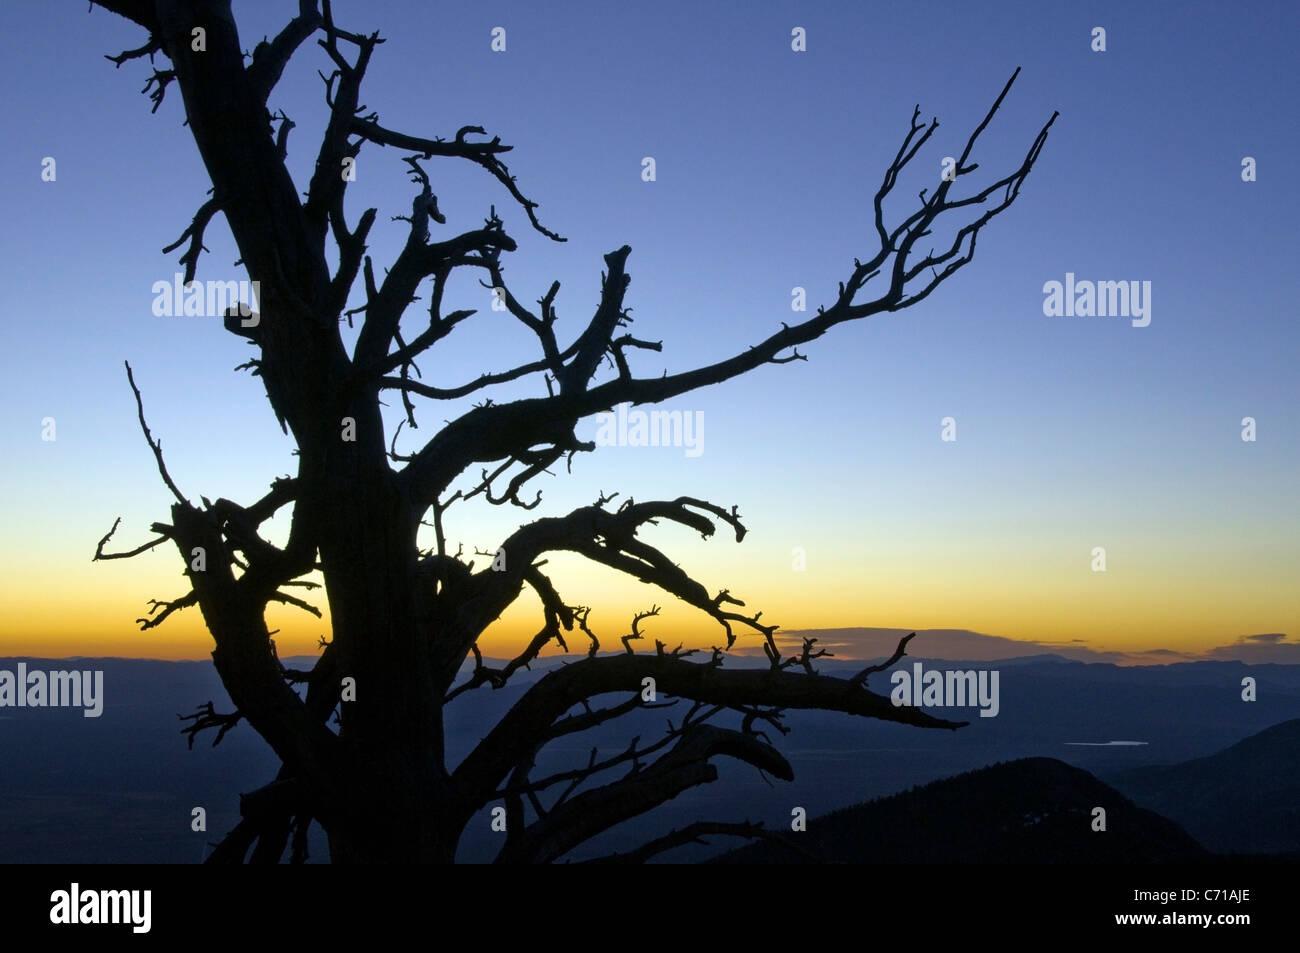 La silueta de un árbol al amanecer en el Parque Nacional de la Gran Cuenca, NV. Imagen De Stock